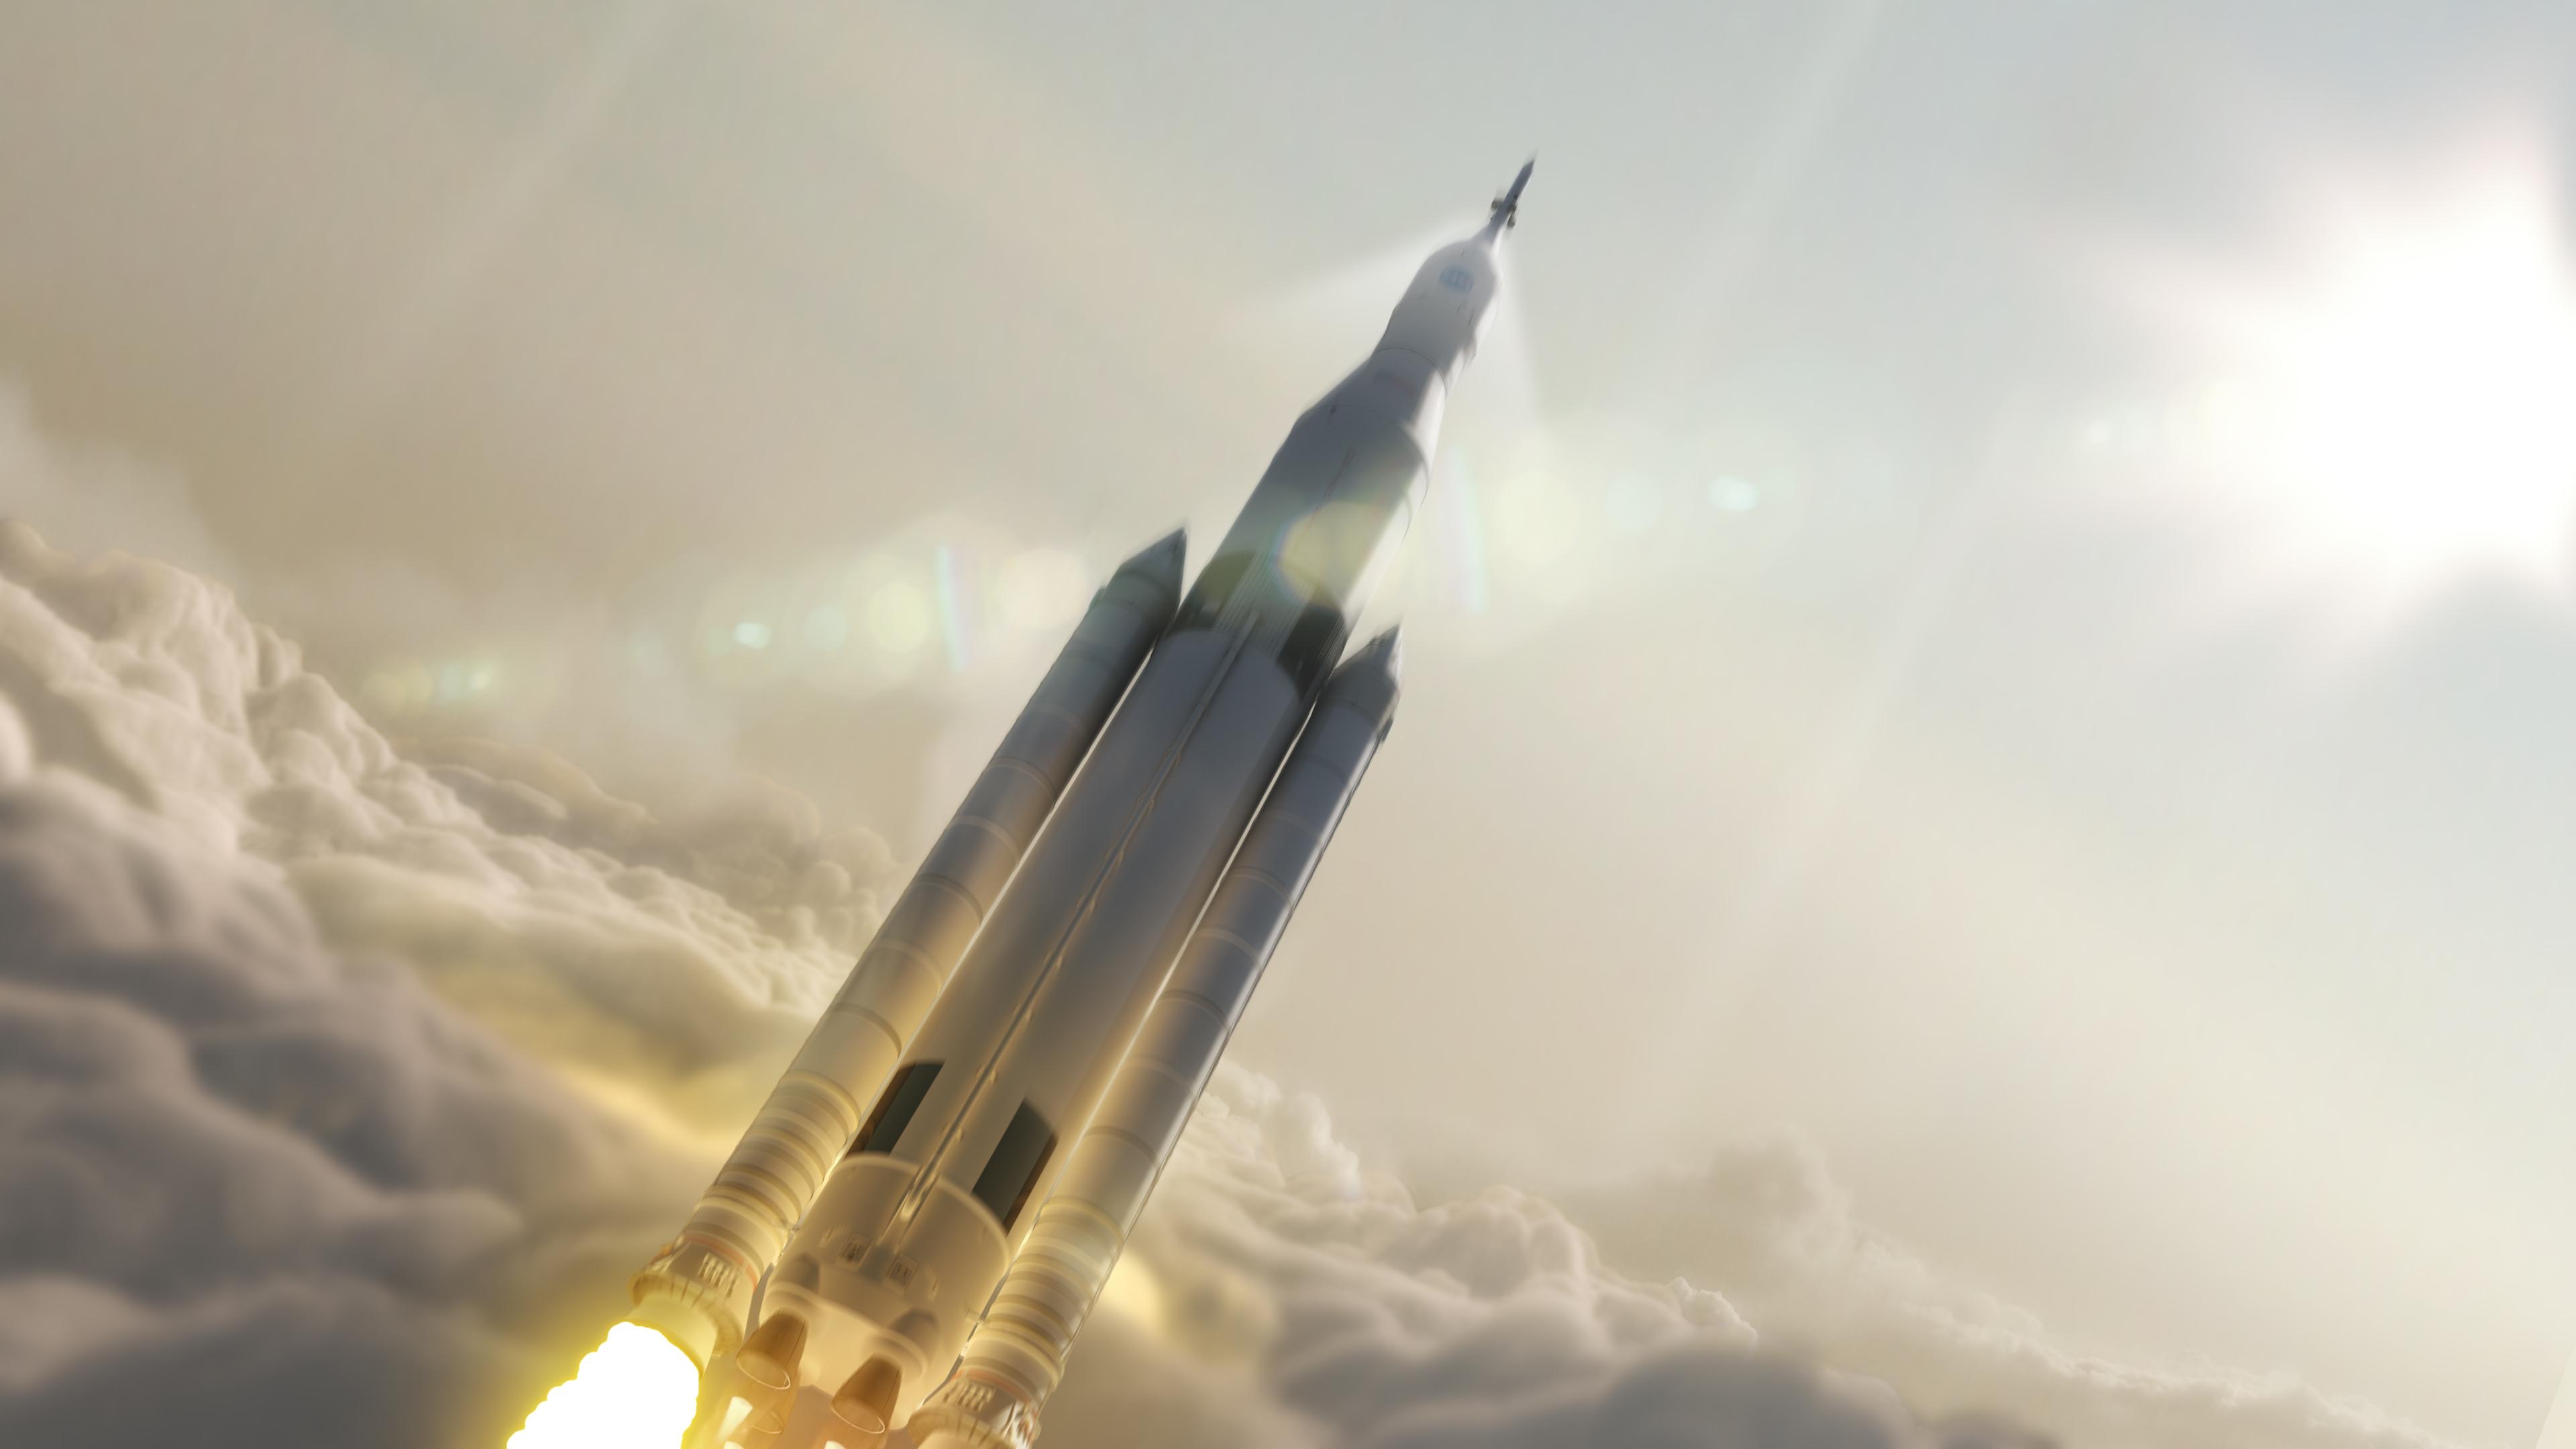 rocket from nasa - photo #11